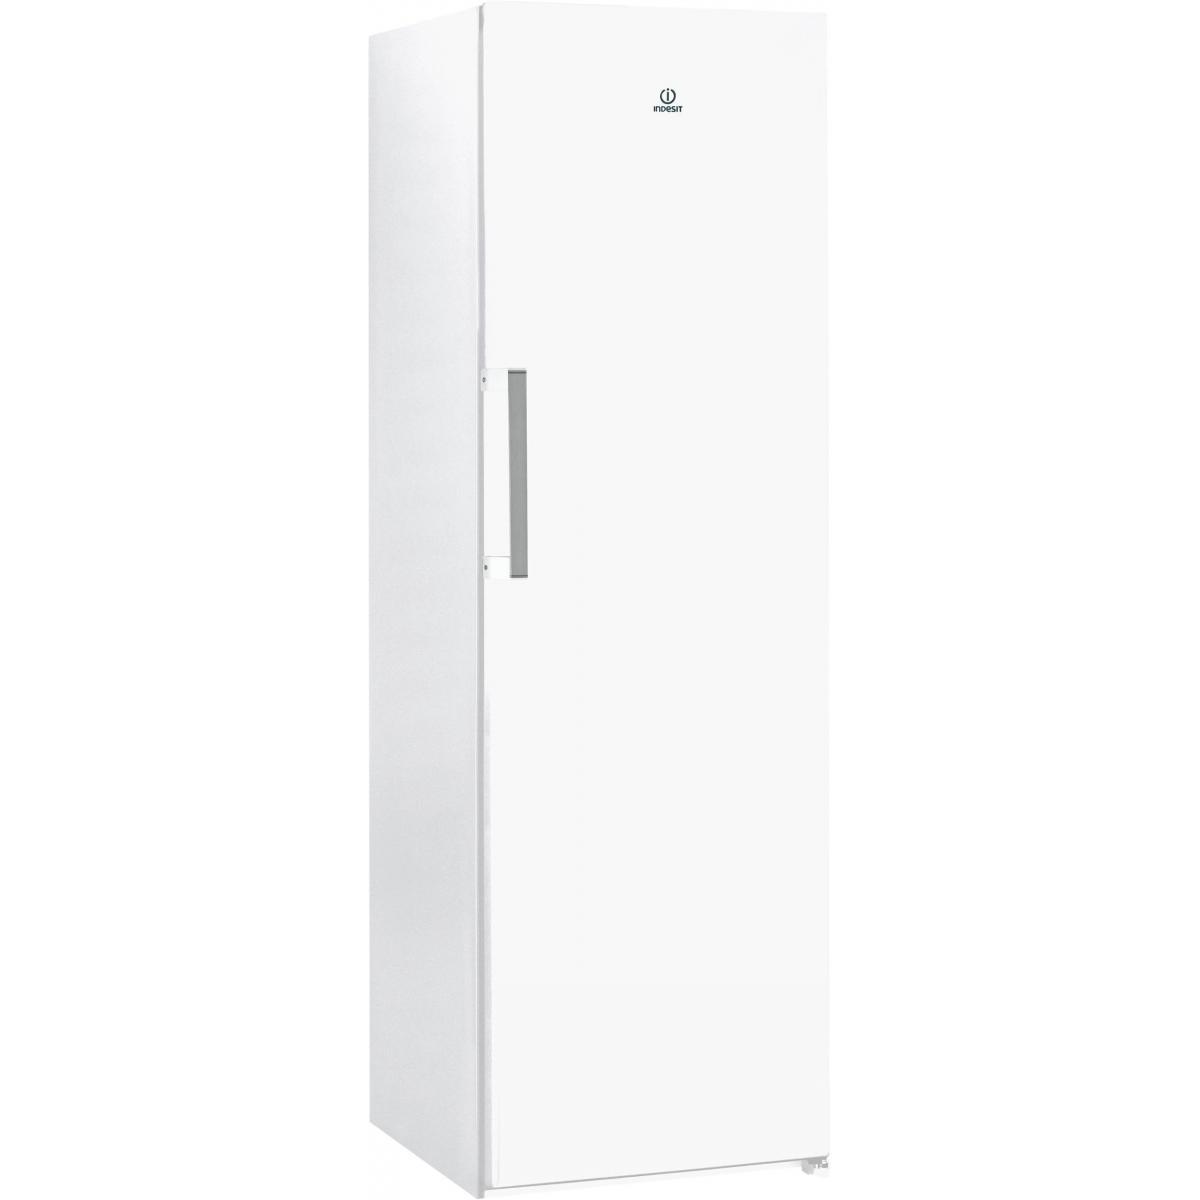 Indesit Réfrigérateur 1 porte 323L Froid Statique INDESIT 60cm A+, 1047643